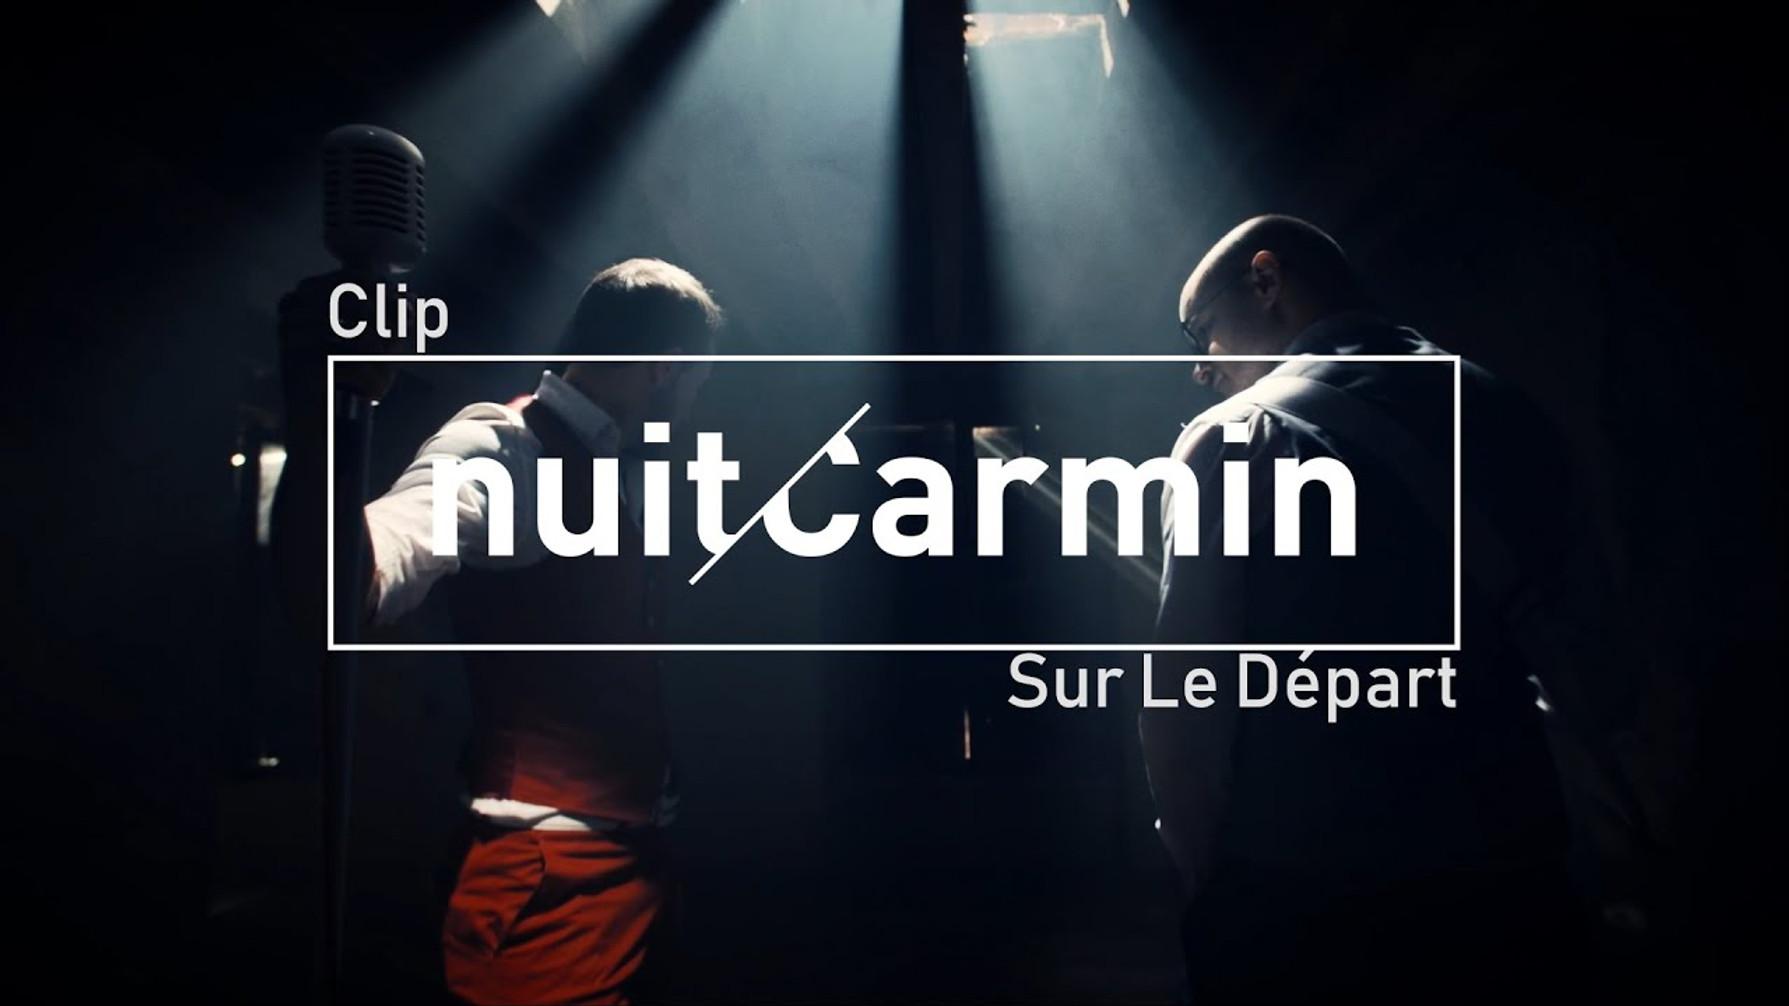 Nuit Carmin « Sur Le Départ »